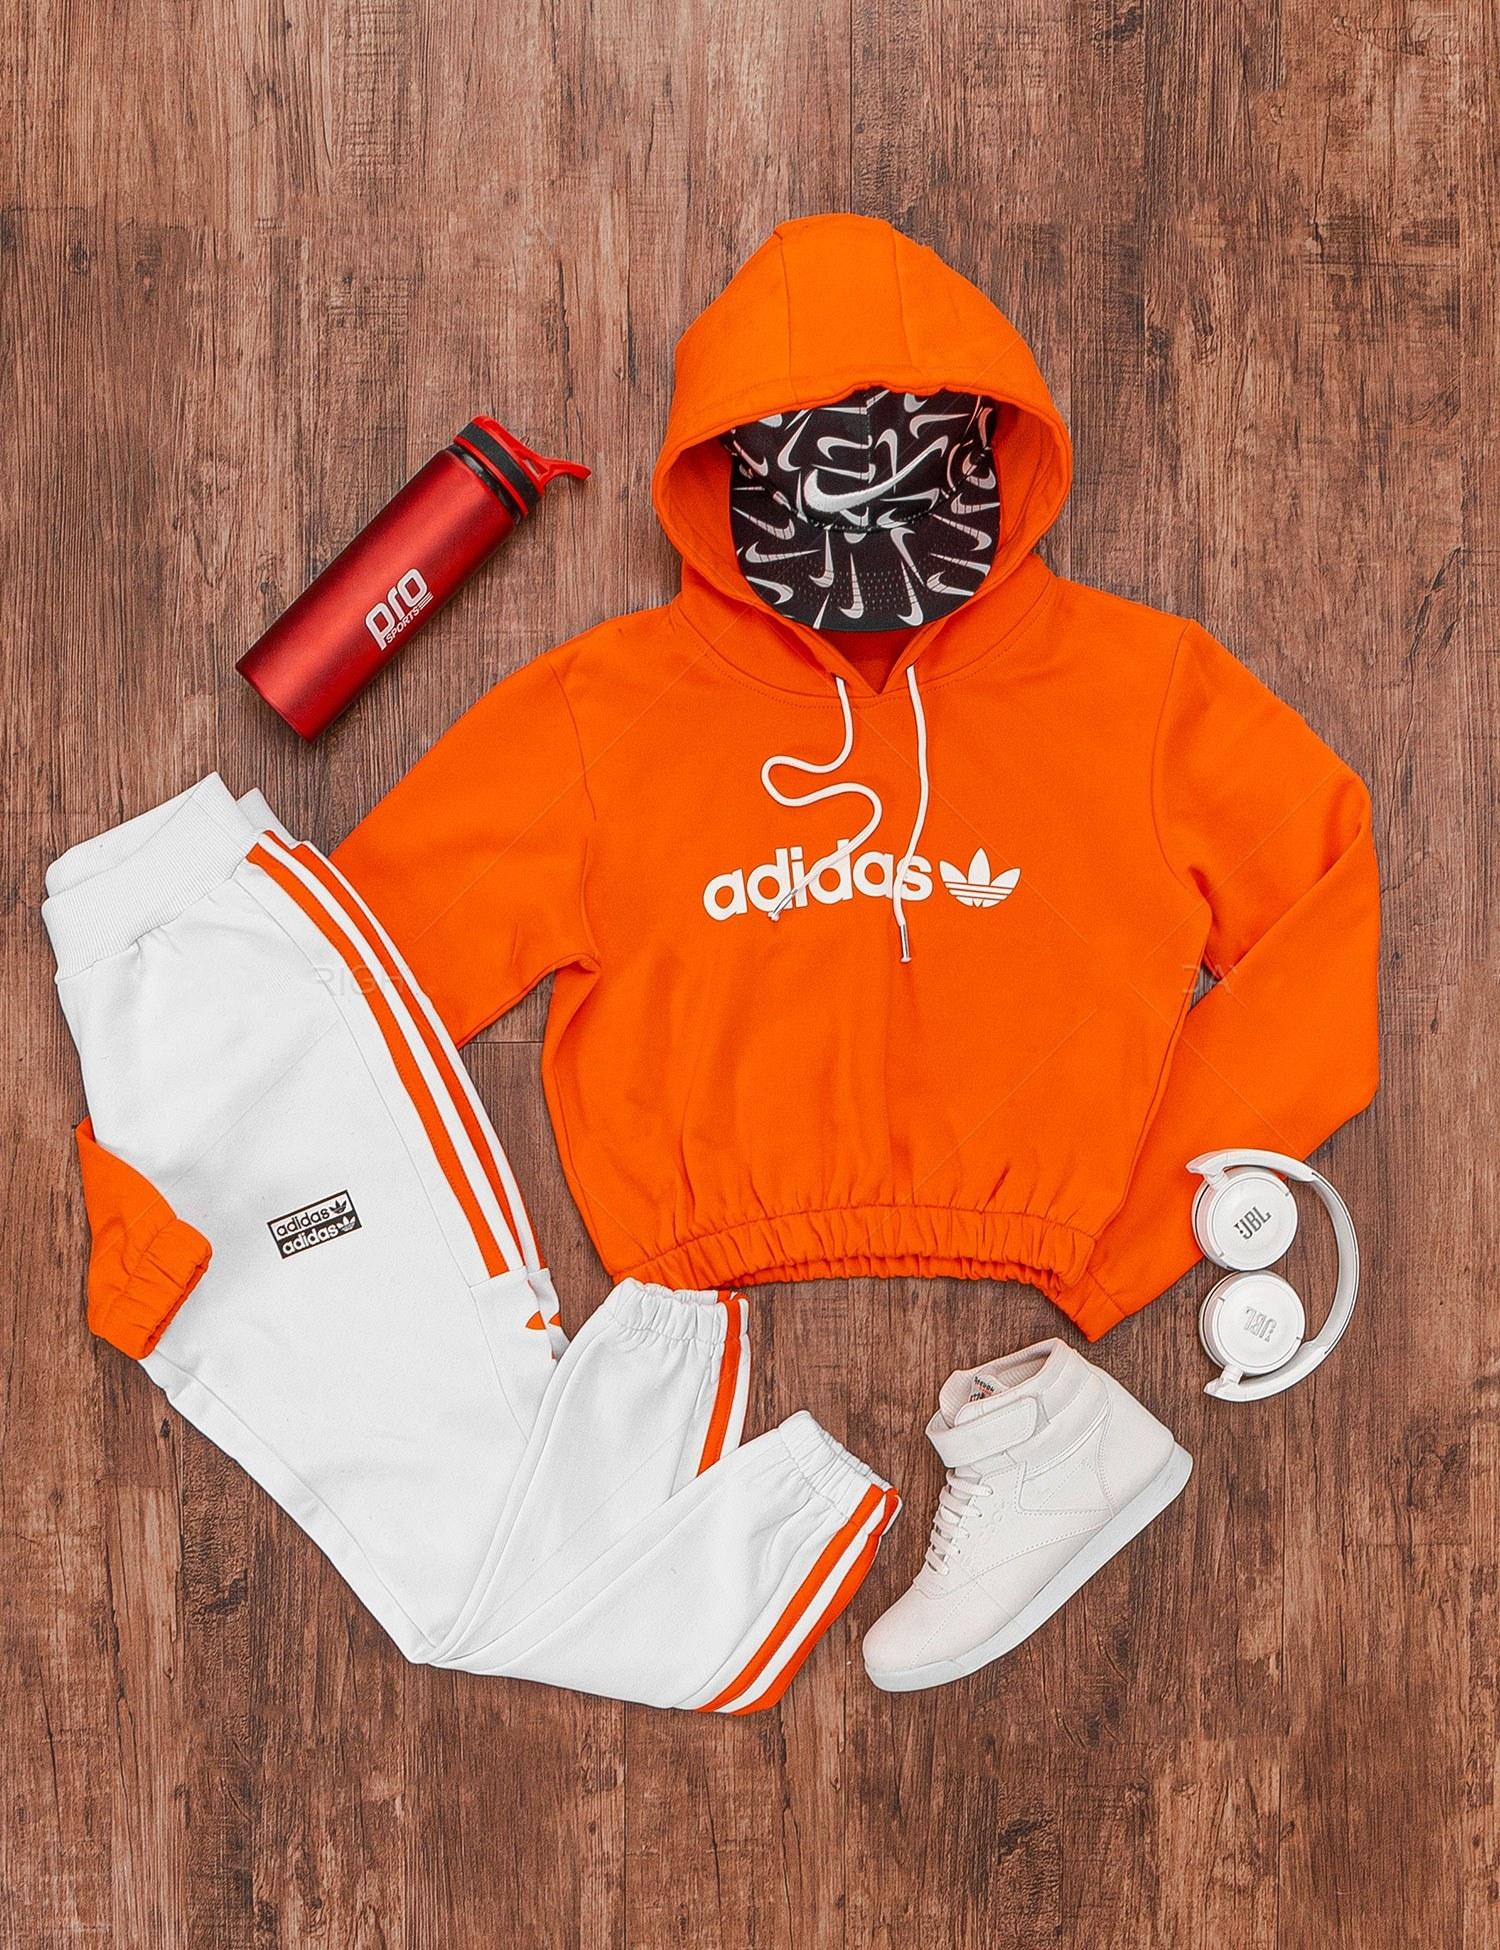 تصویر ست نیم تنه و شلوار زنانه Adidas مدل 17042